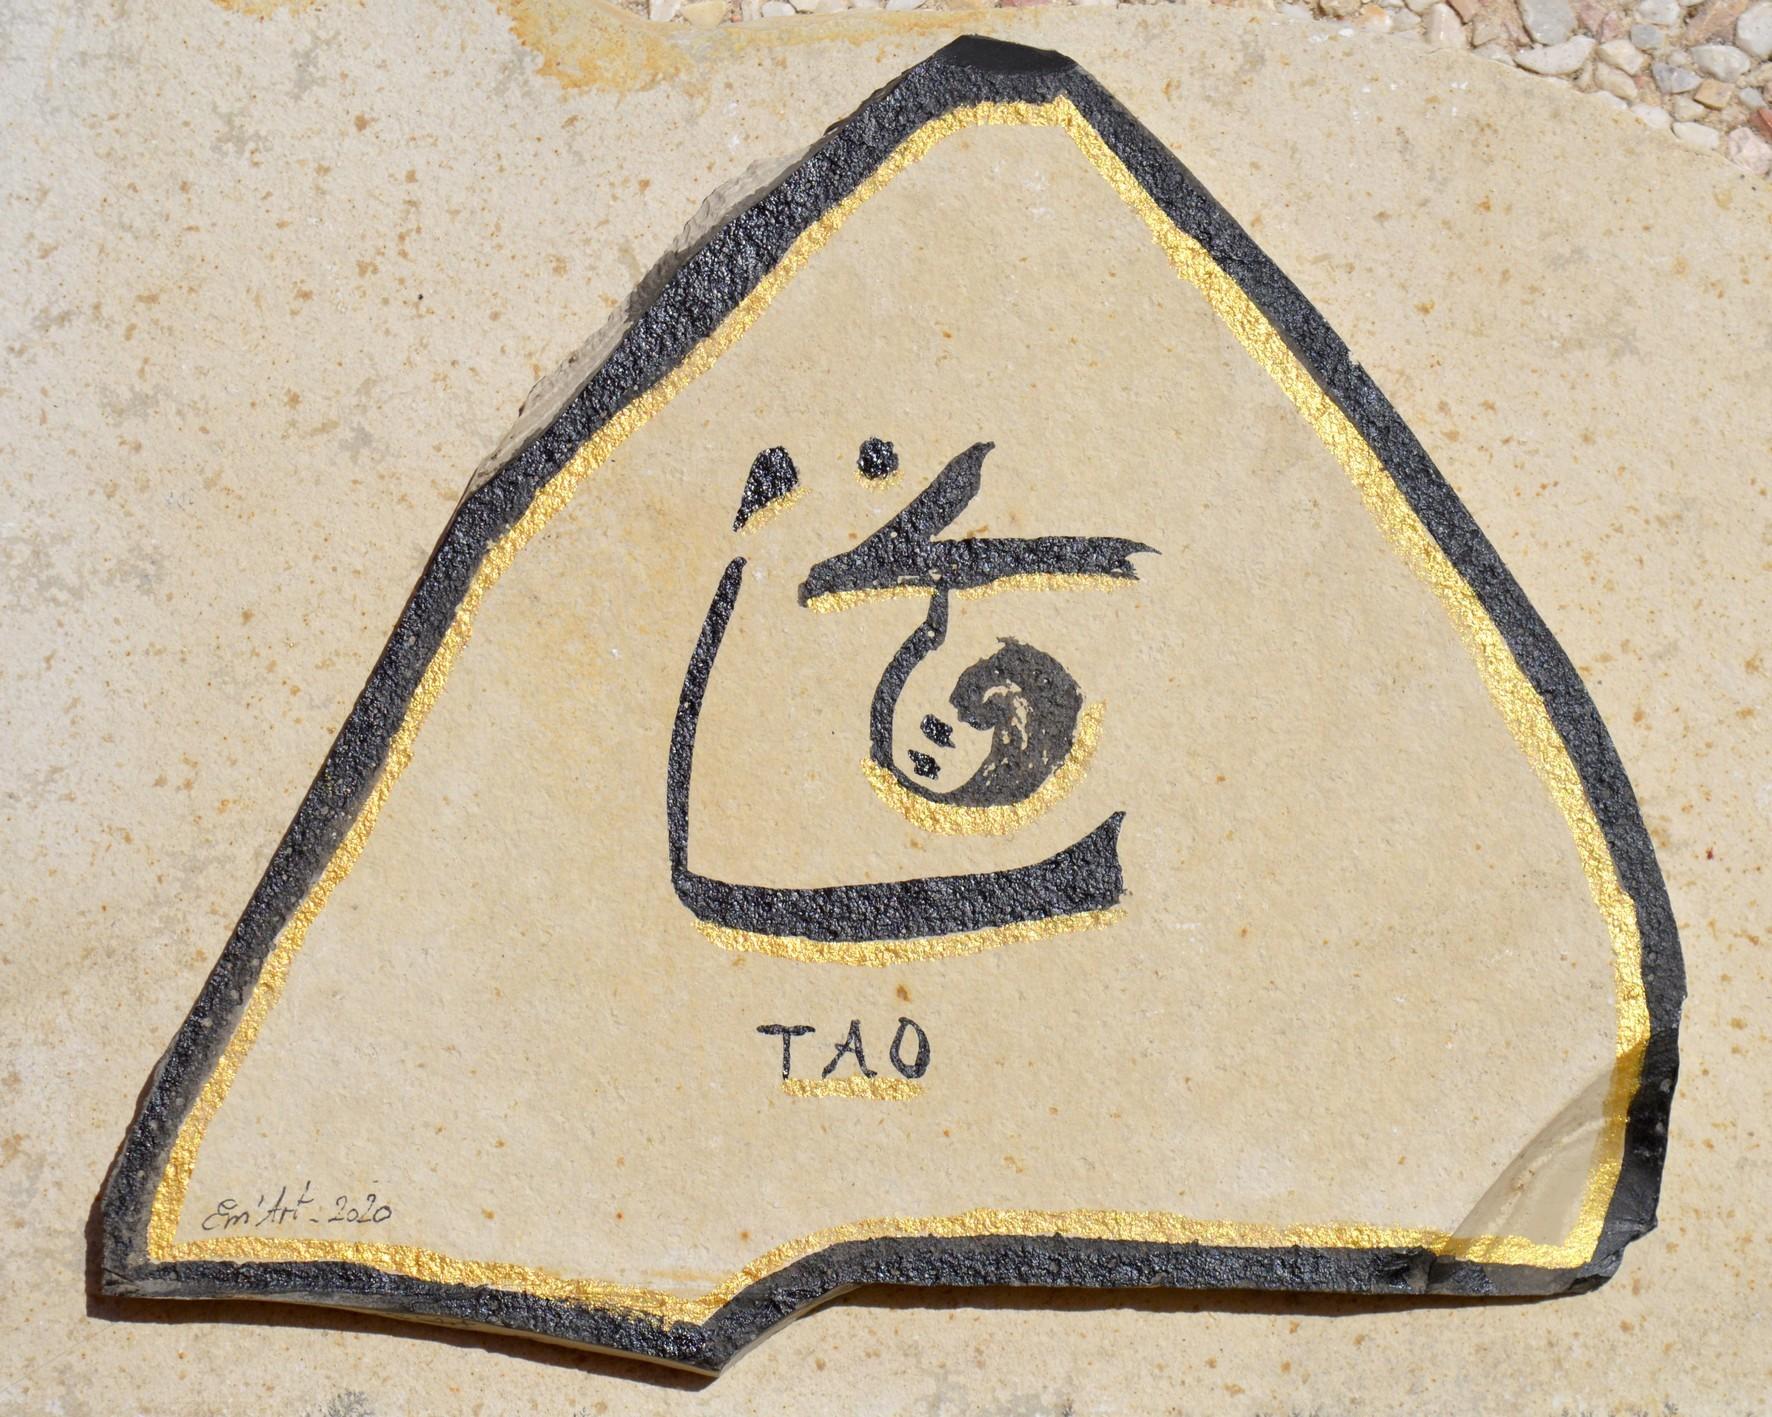 Tao, face 1